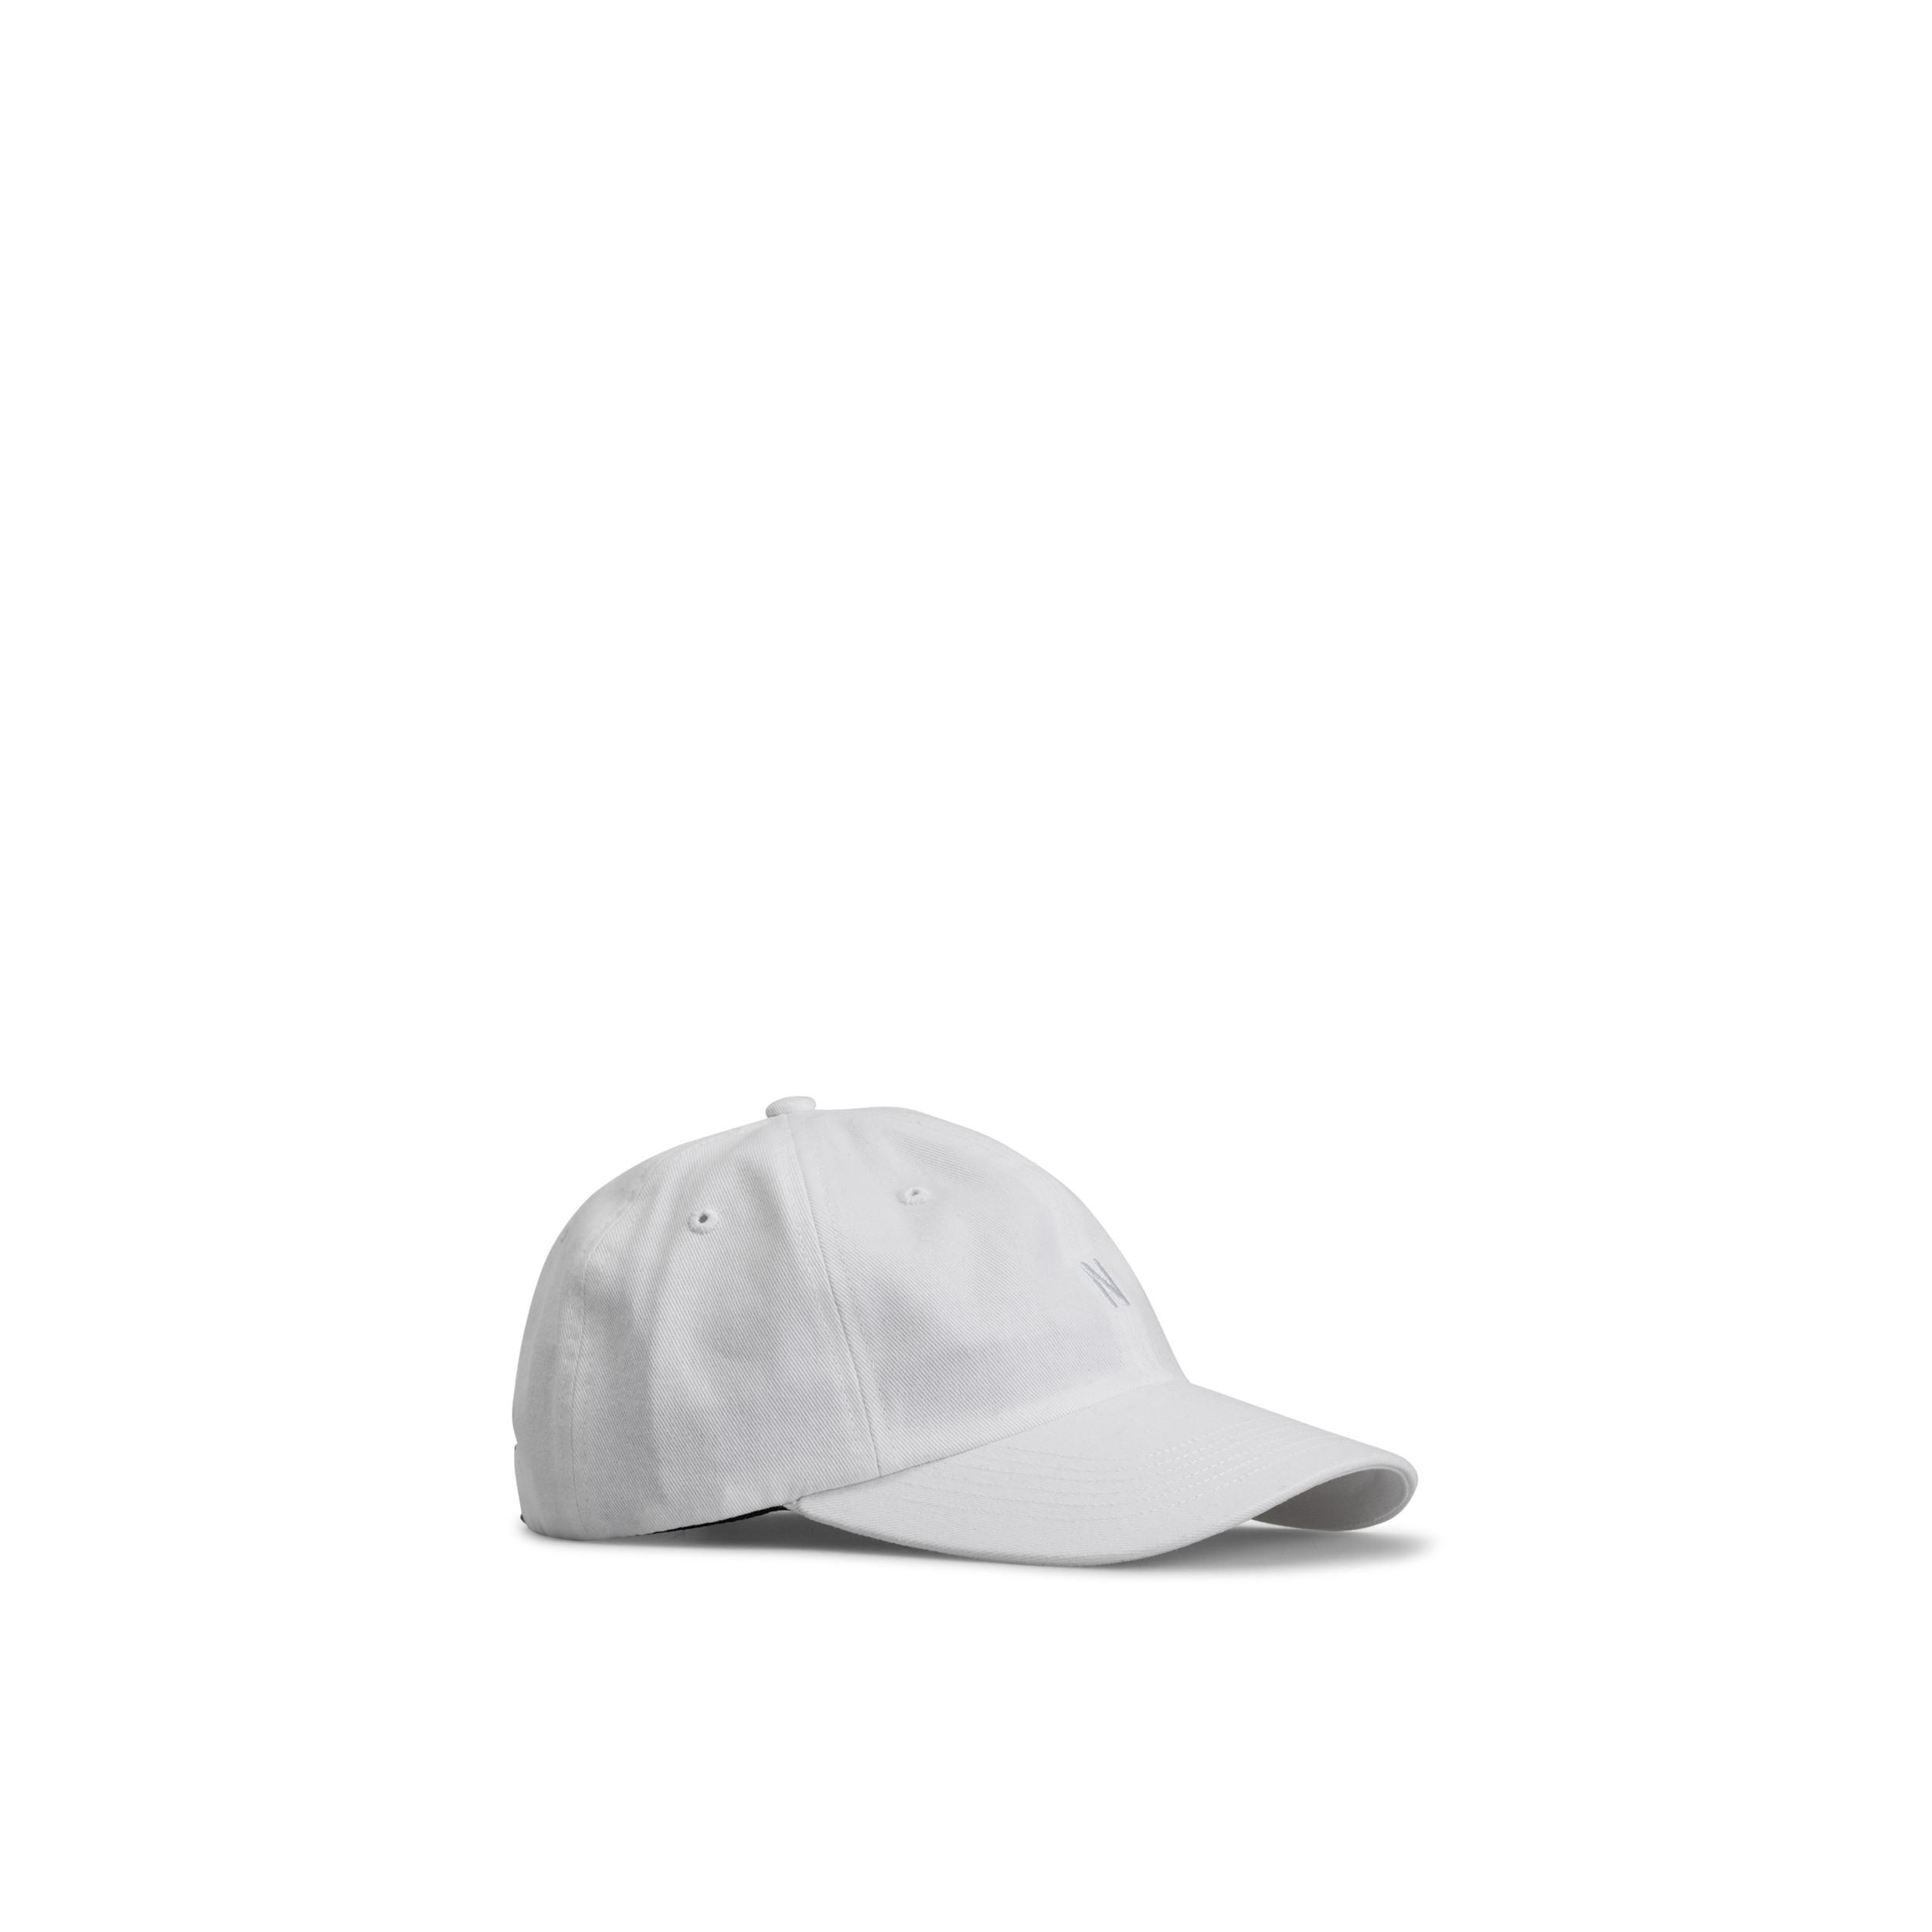 388506afd9 Headwear